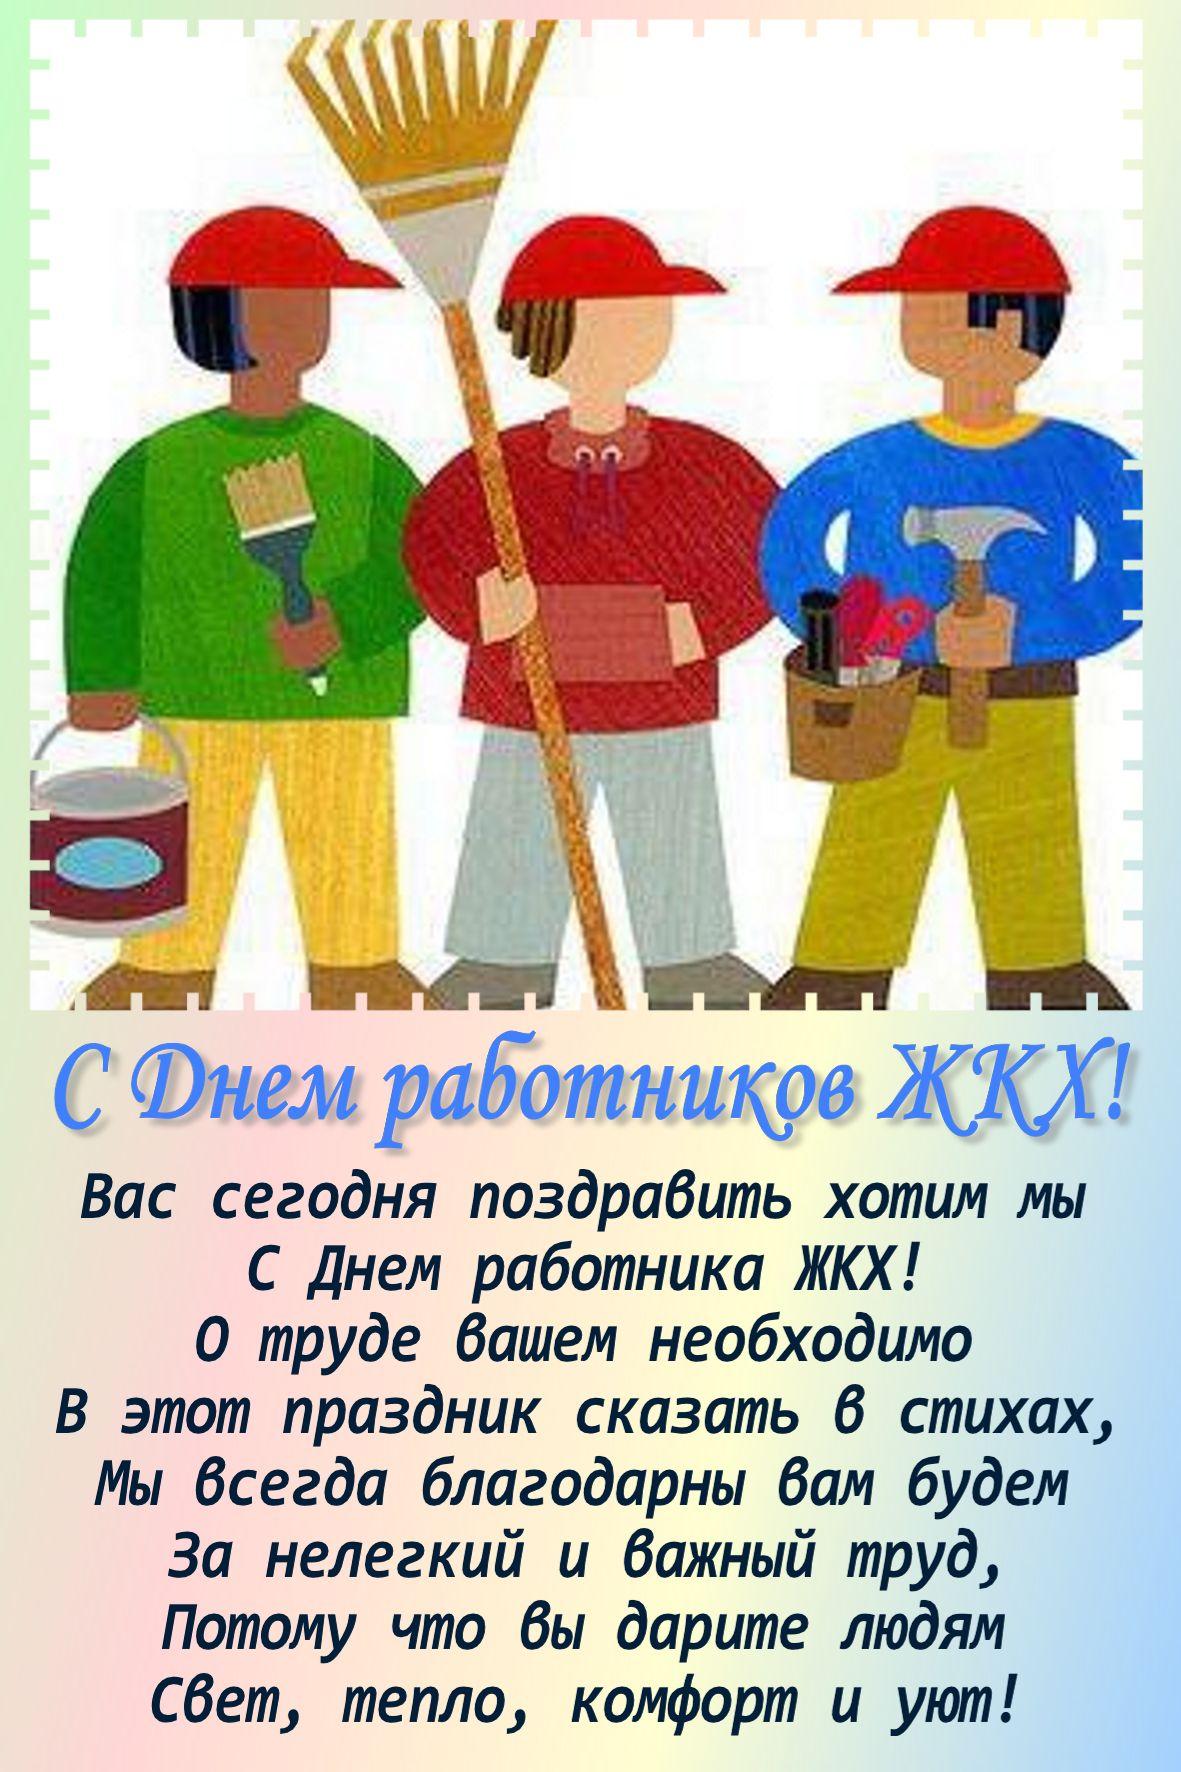 Открытки. День работников ЖКХ! Благодарим за ваш труд! открытки фото рисунки картинки поздравления